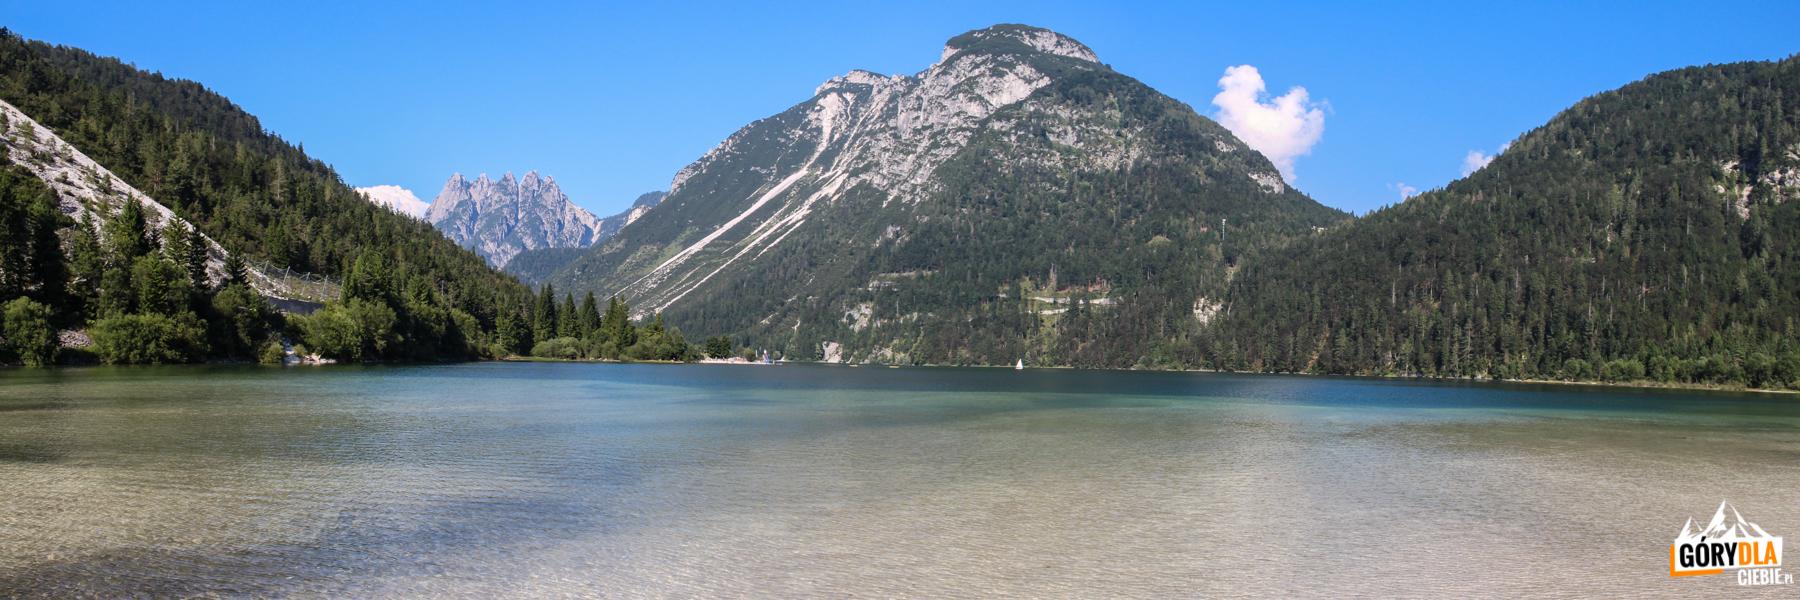 Jezioro Predil we Włoszech przy granicy ze Słowenią